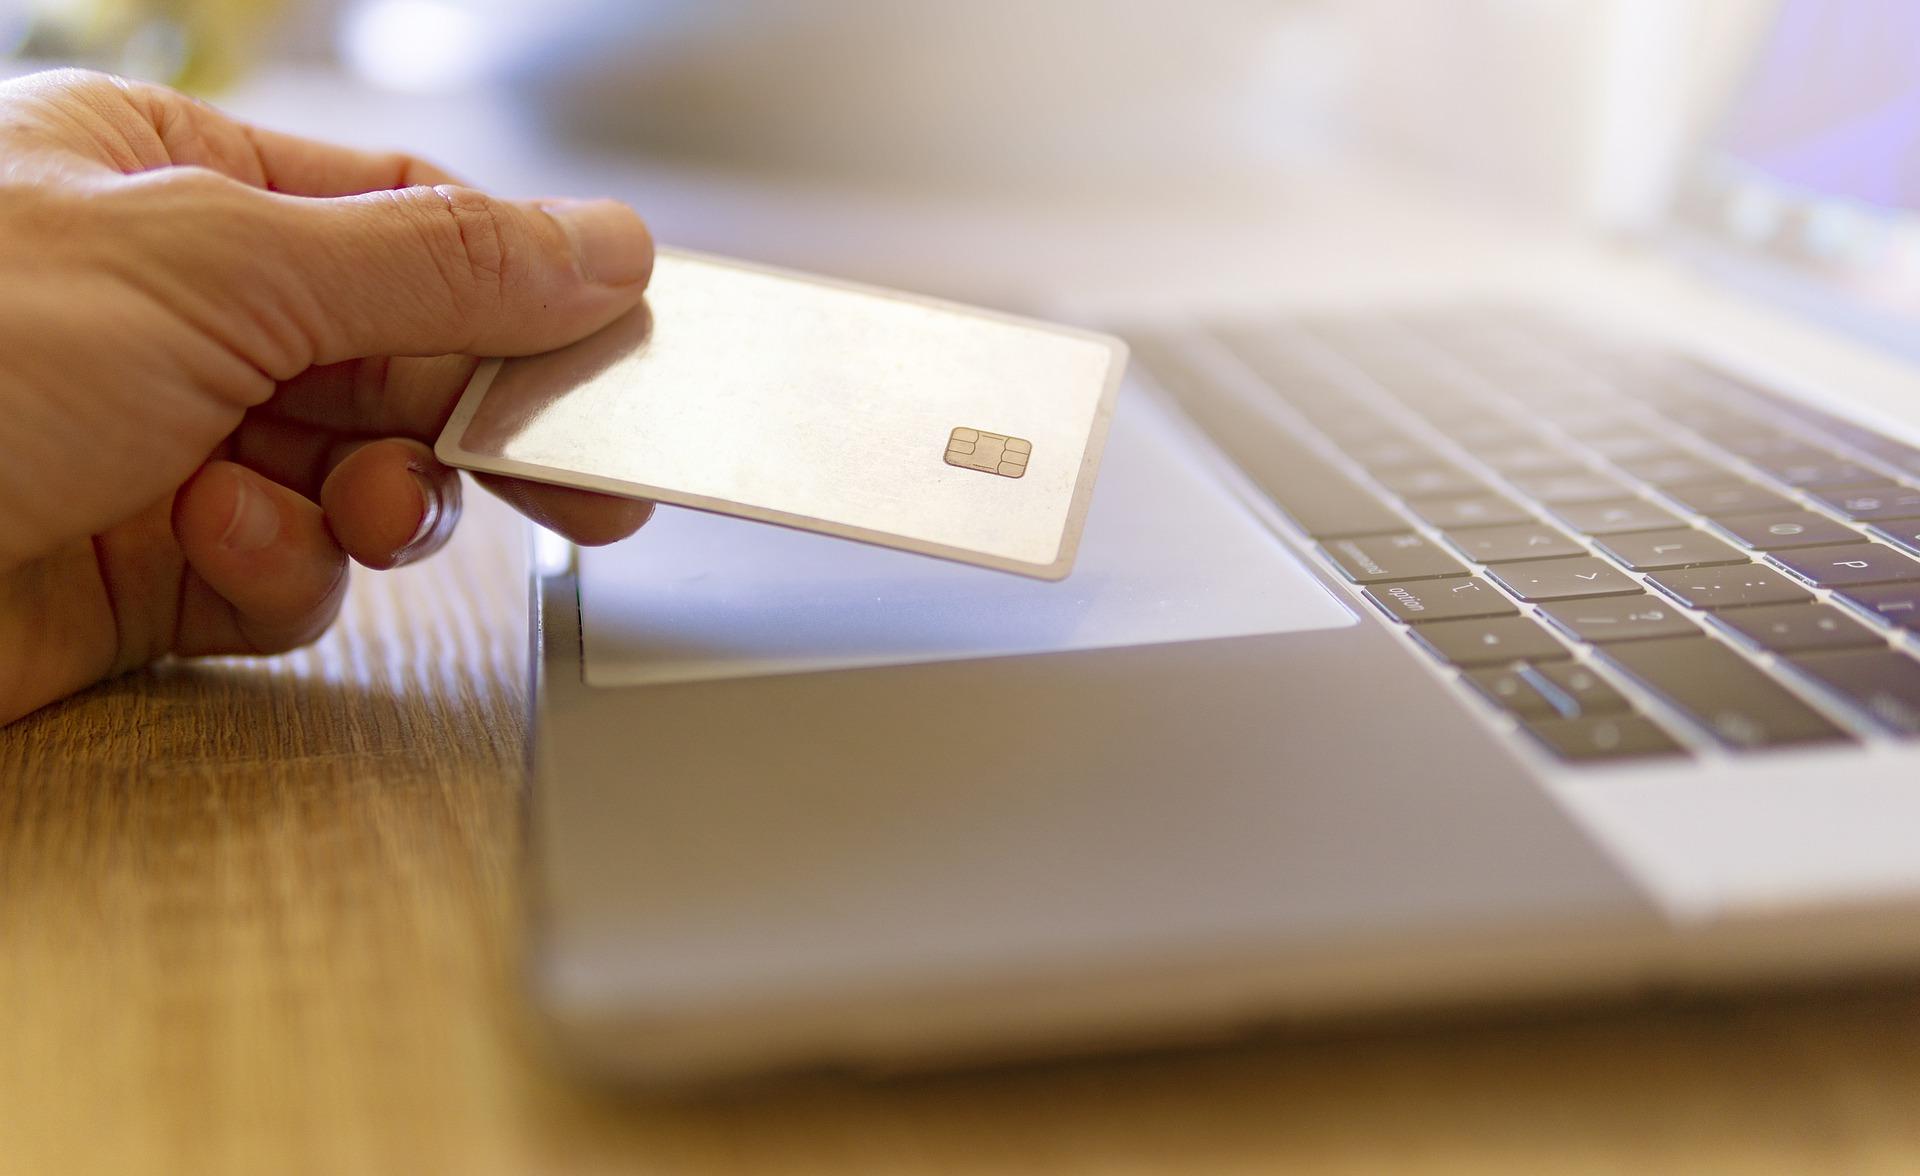 Актуальная статистика для электронной коммерции в 2021 году